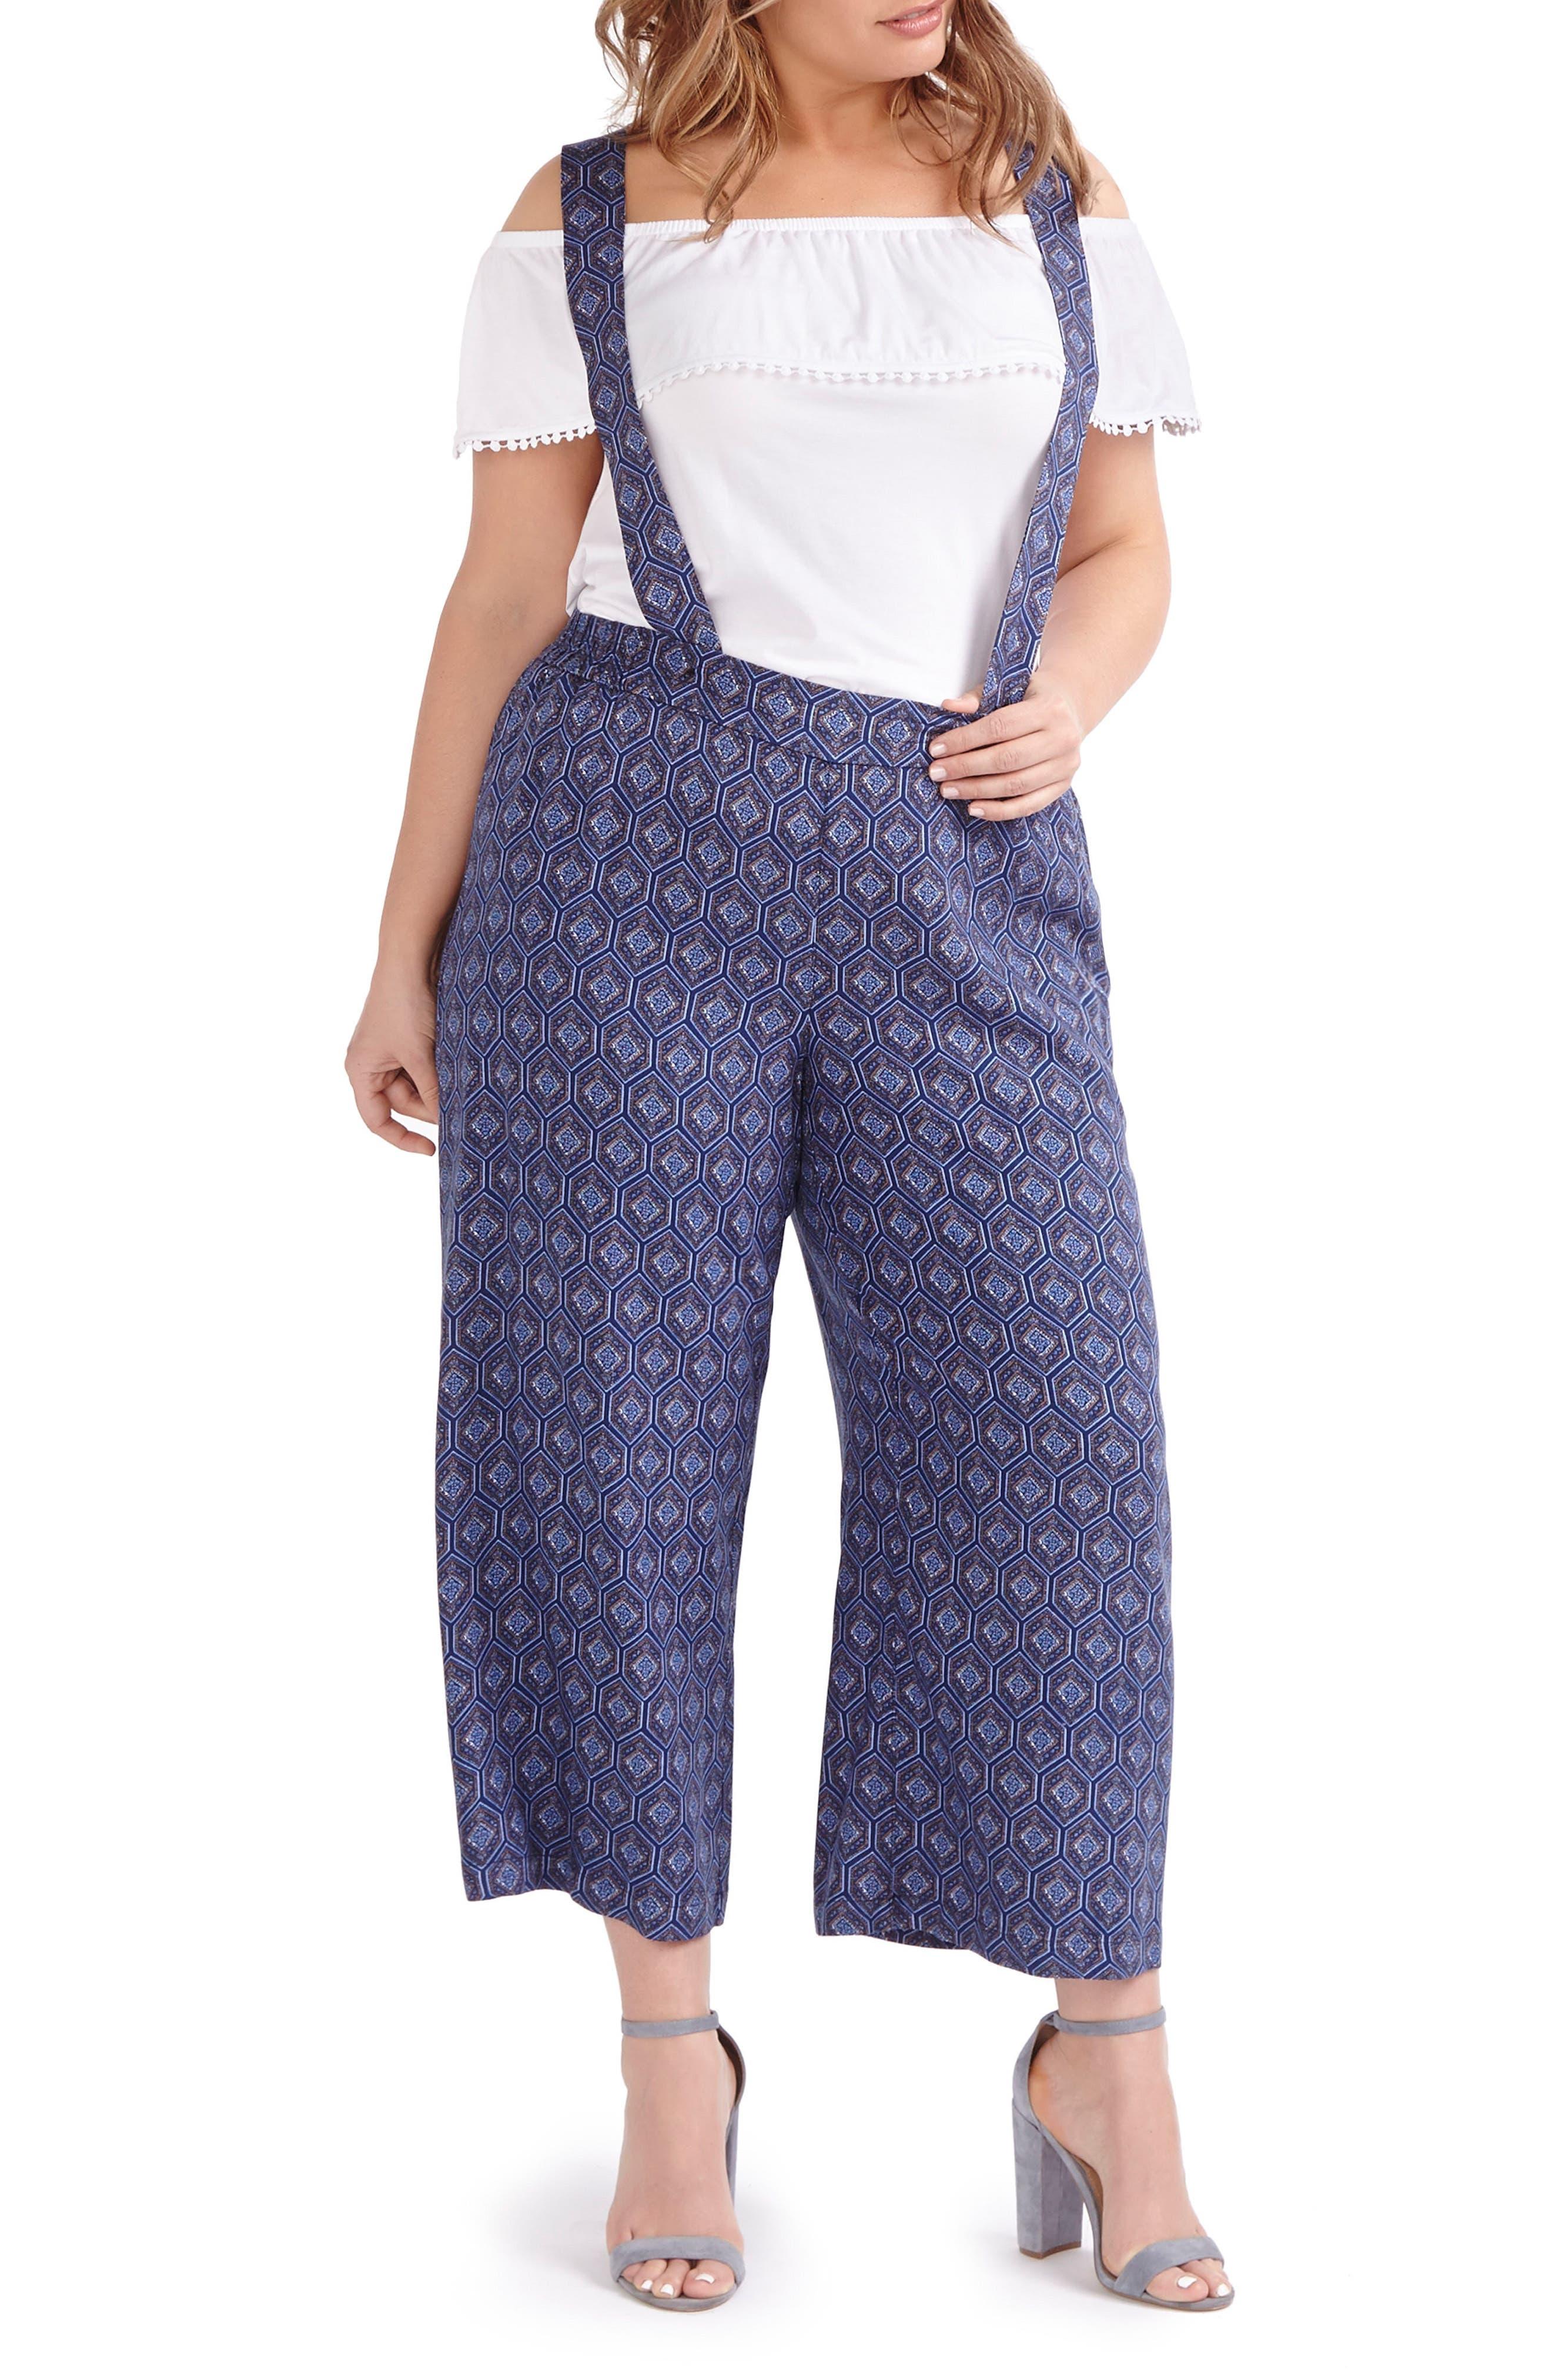 ADDITION ELLE LOVE AND LEGEND Print Wide Leg Suspender Pants (Plus Size)